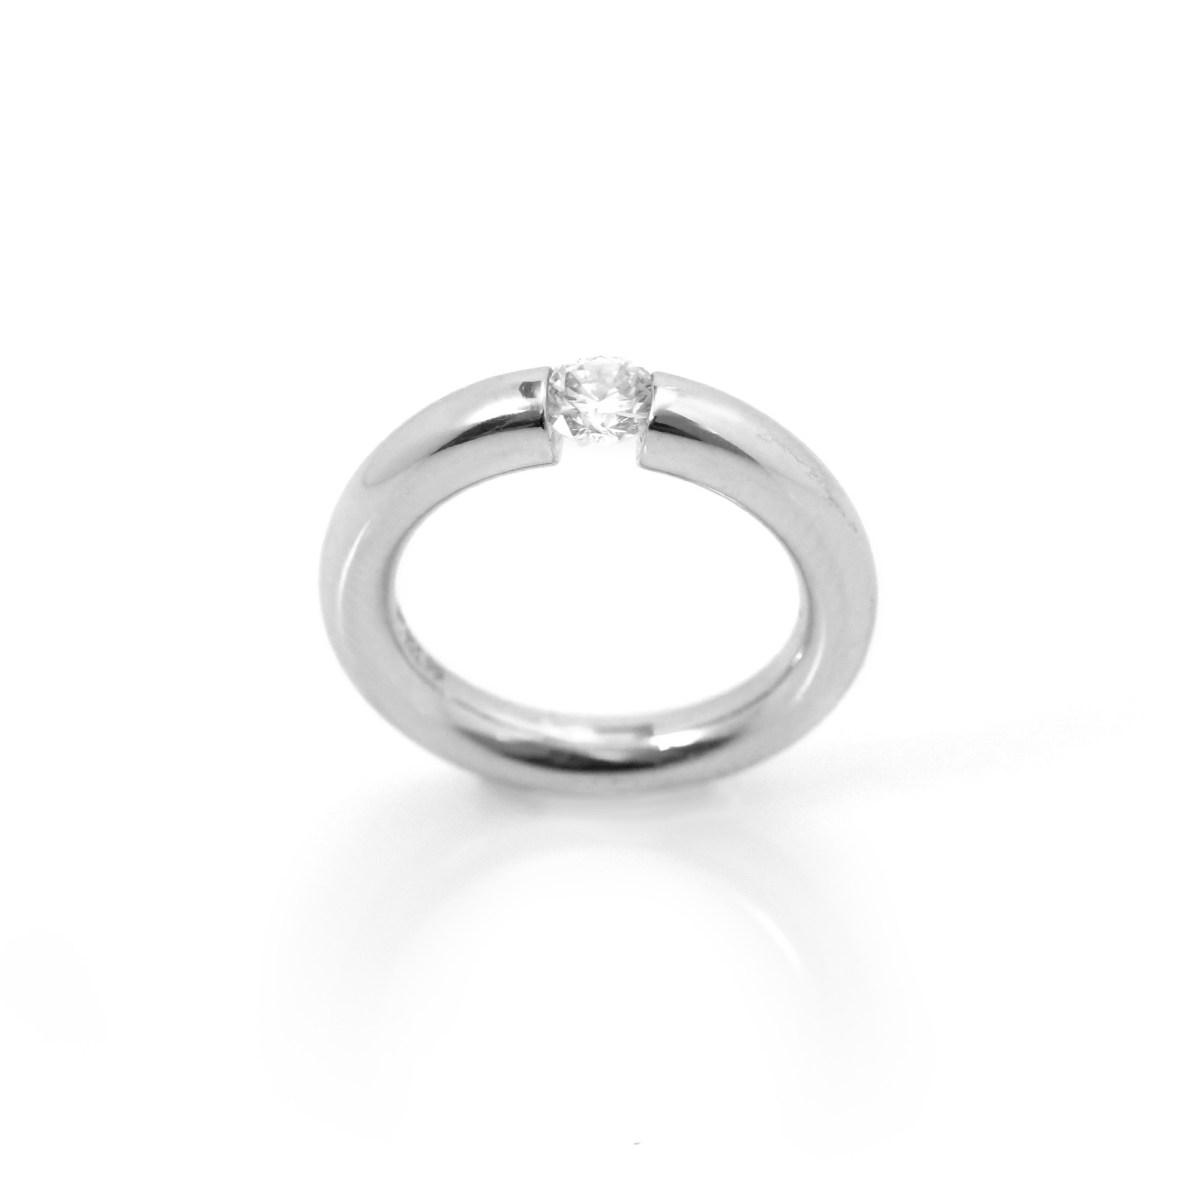 Bague diamant solitaire, 0,33 ct, taille princesse, serti enchassé, taille 47 | Référence BA-B12946 | EVENOR Joaillerie • Bijoux Vintage